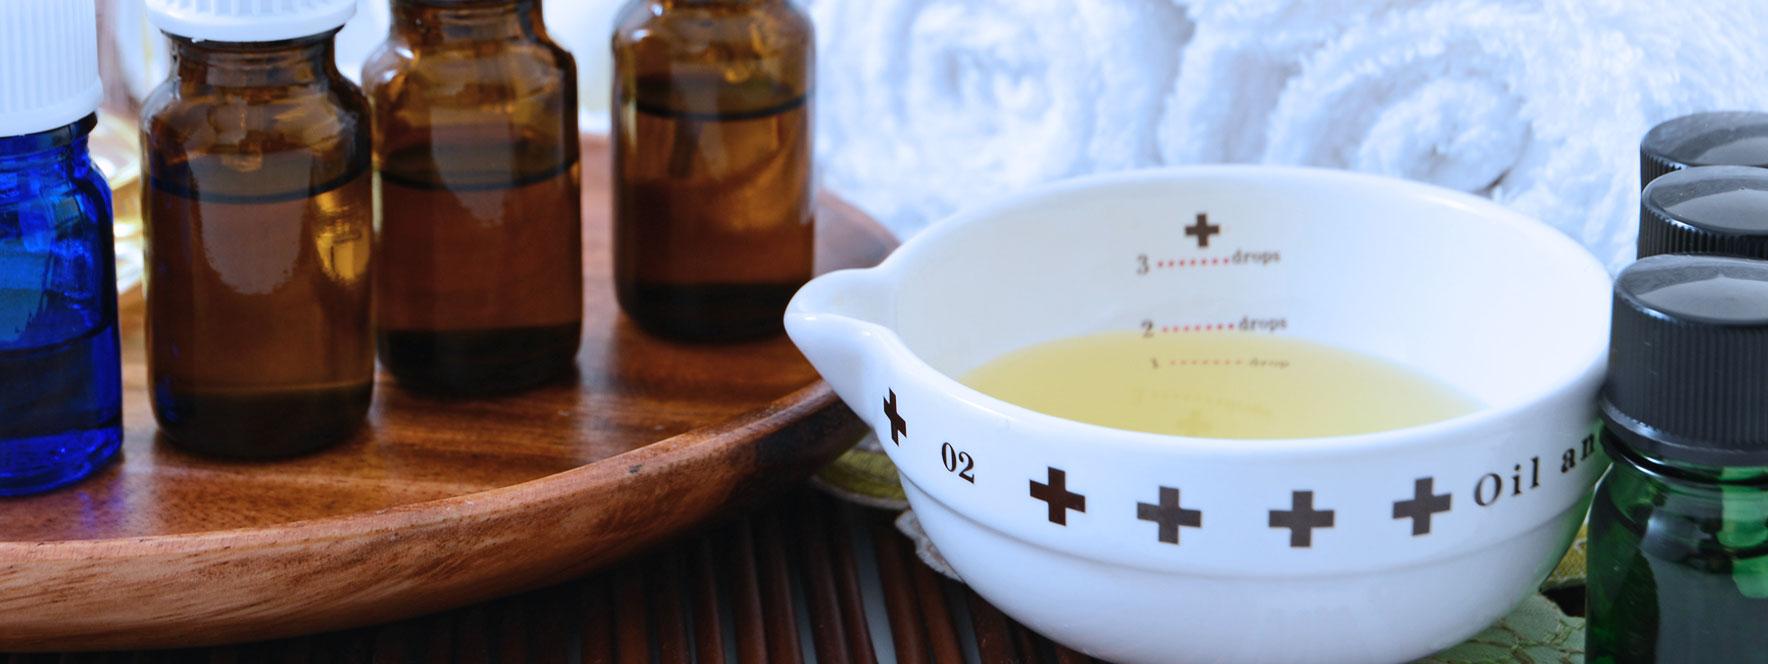 Huiles essentielles pour le massage - Blogue du Réseau